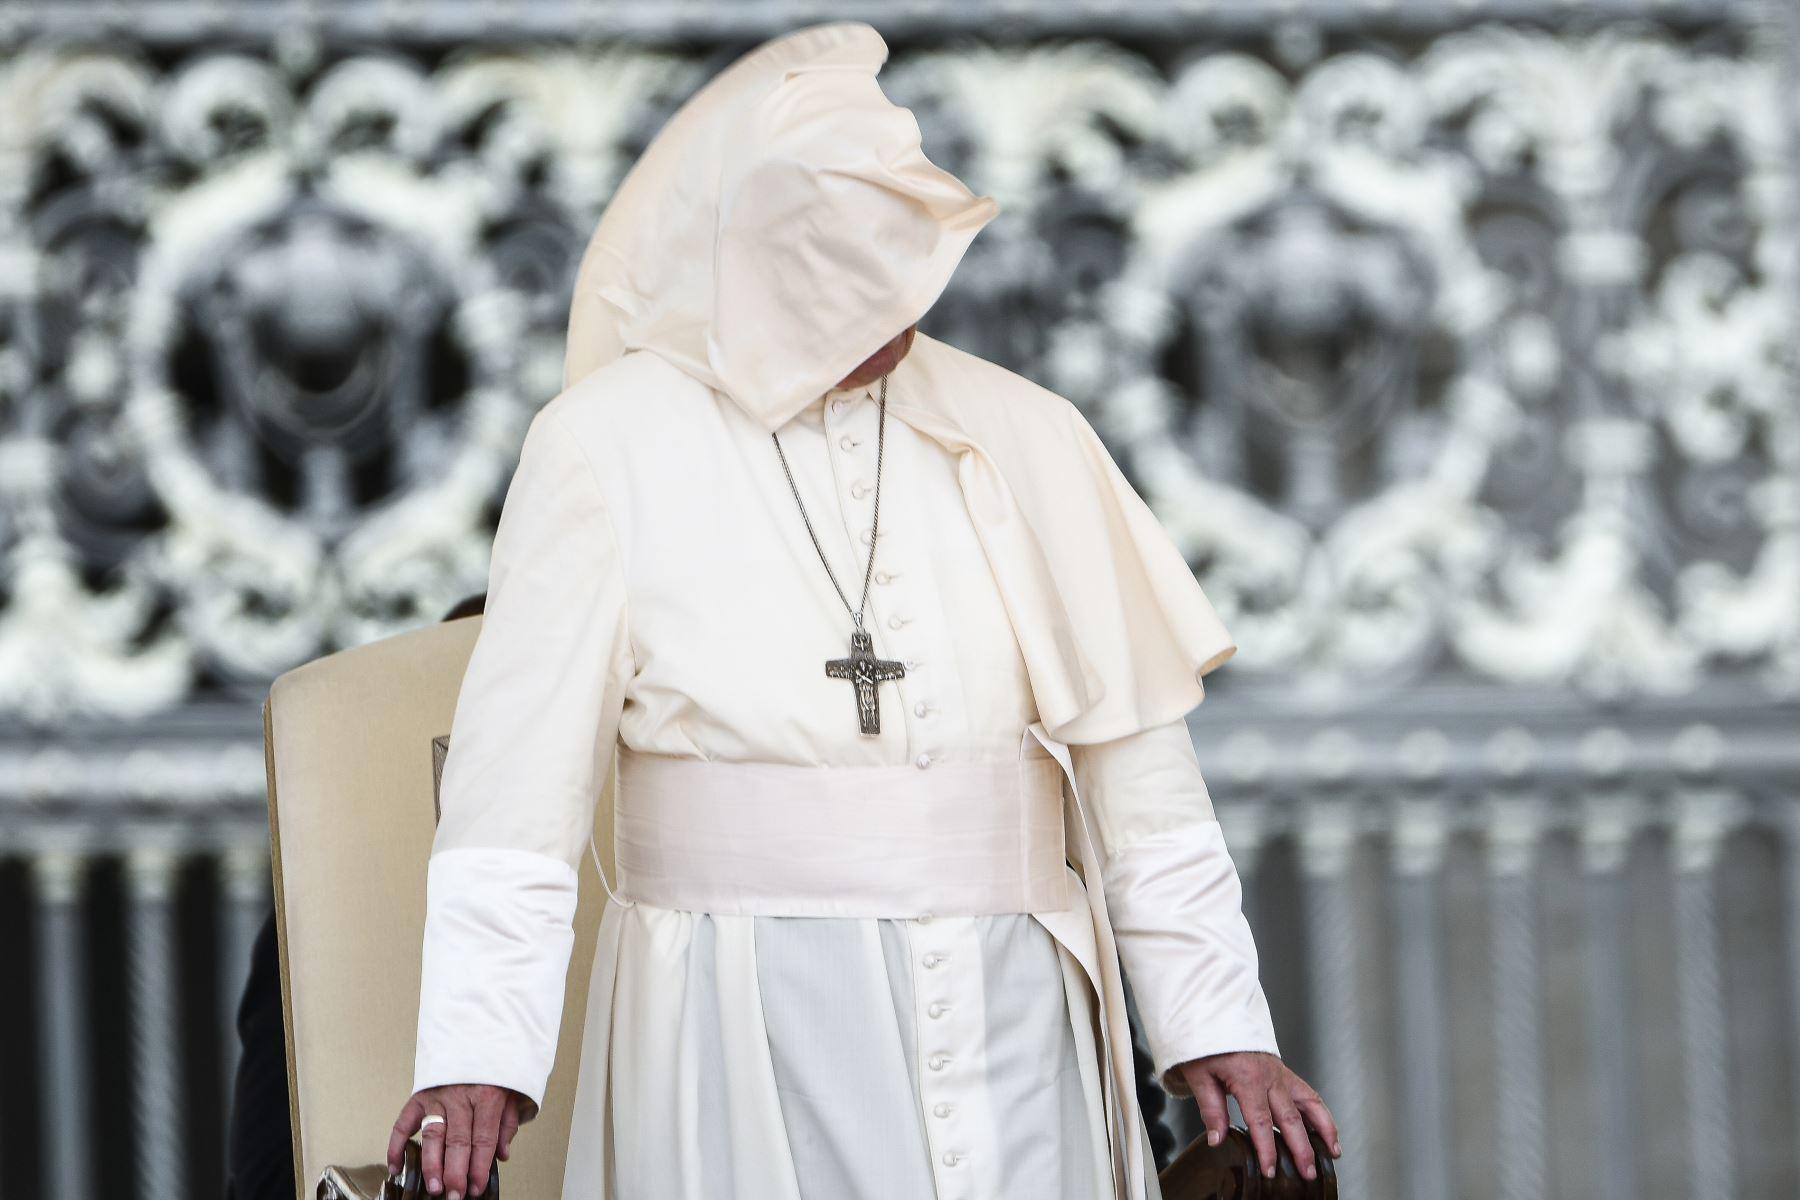 Una ráfaga de viento sopla la sotana del Papa Francisco durante la audiencia general en la plaza de San Pedro en el Vaticano.Foto: AFP